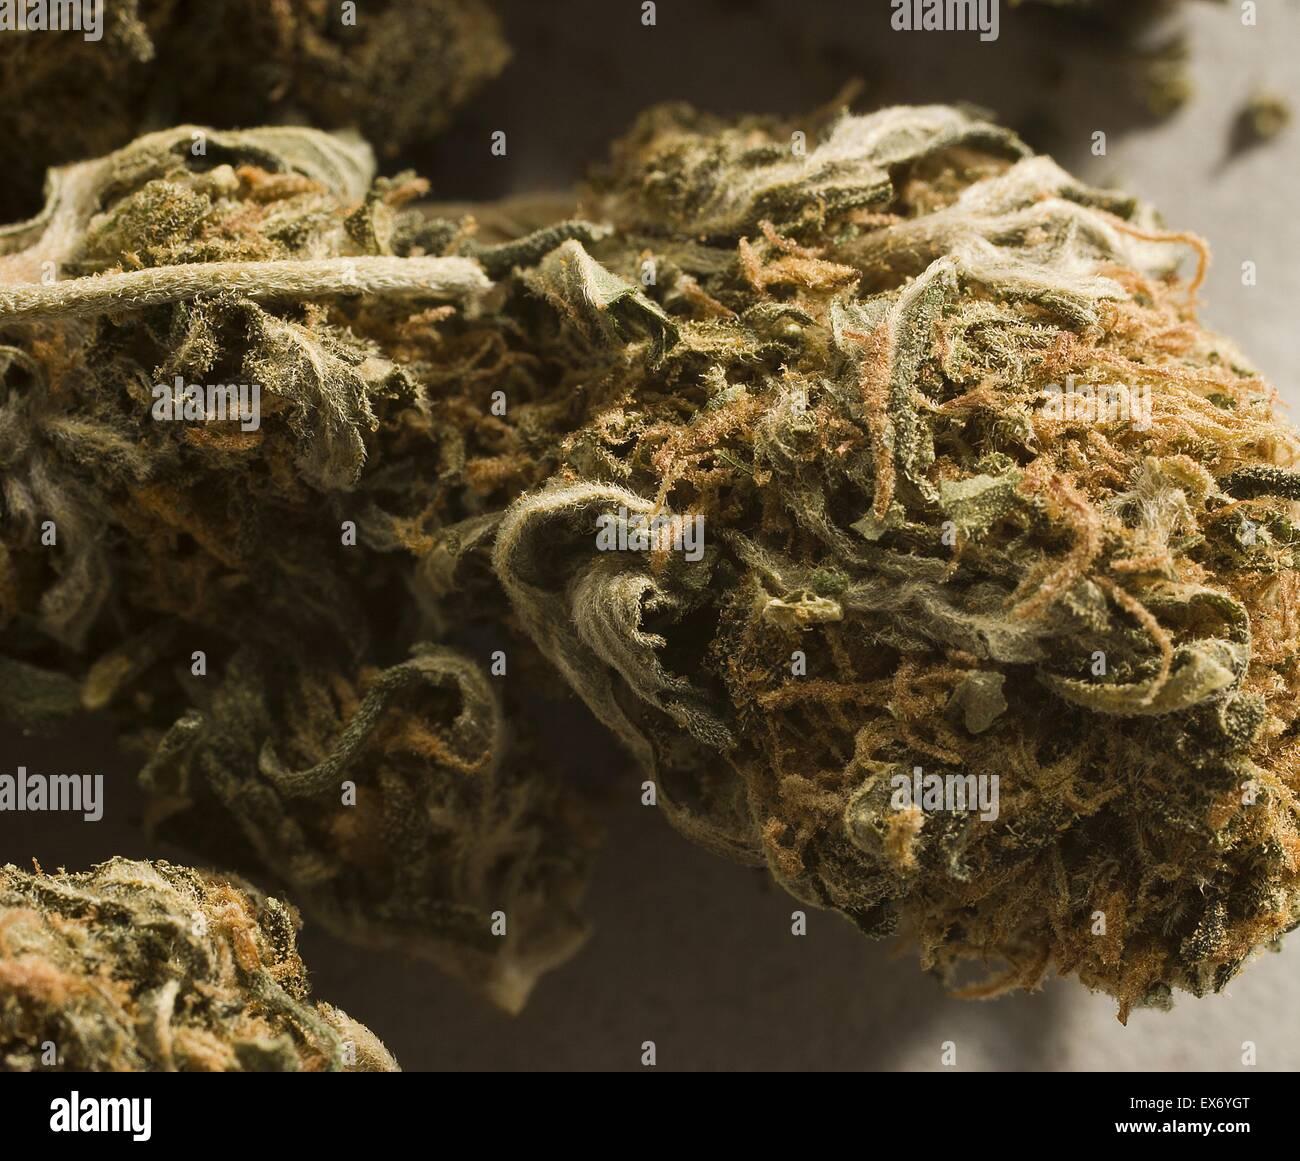 La Cannabis, comunemente conosciuta come marijuana è una droga psicoattiva e come medicina, che possono includere accresciuta umore o euforia, relax e come aumento di appetito. Possibili effetti collaterali includono una diminuzione nella memoria a breve termine, compromissione delle capacità motorie e f Foto Stock